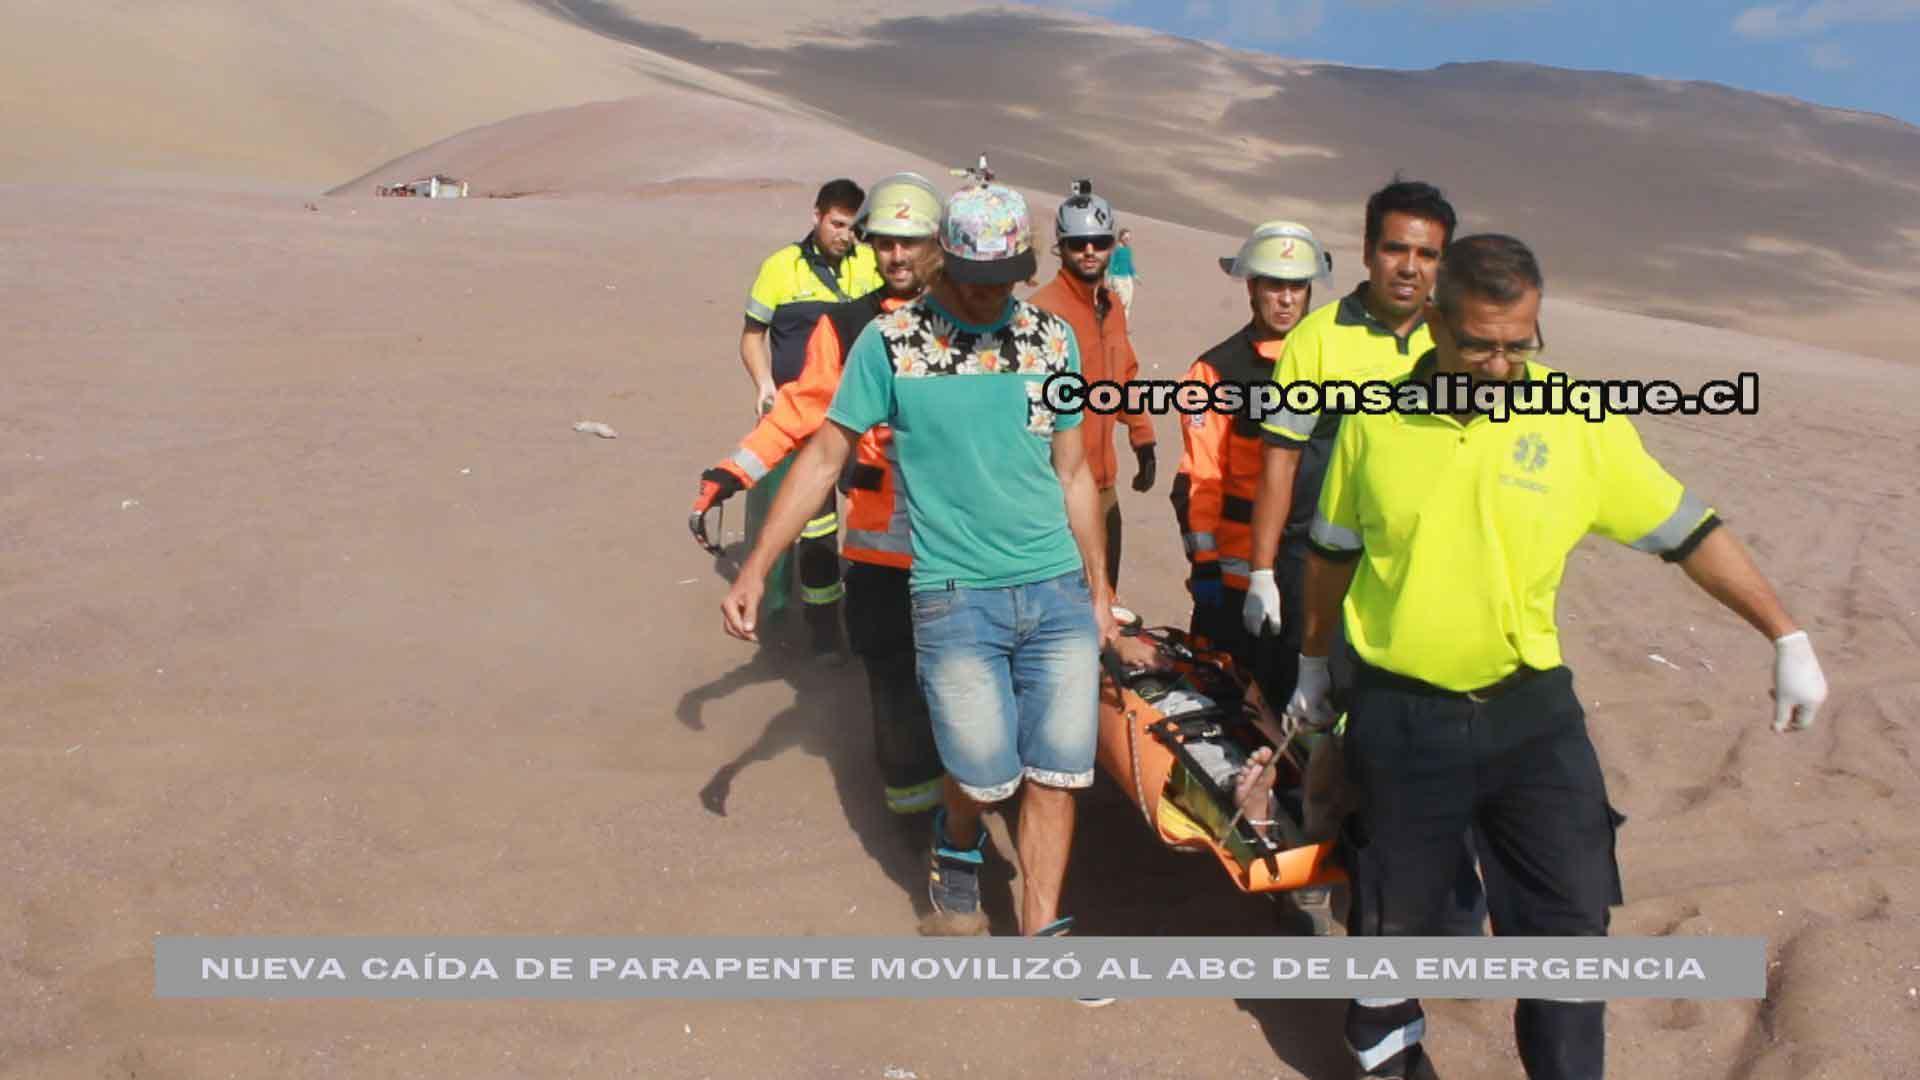 Photo of Nueva caída de parapentista movilizó al ABC de la emergencia